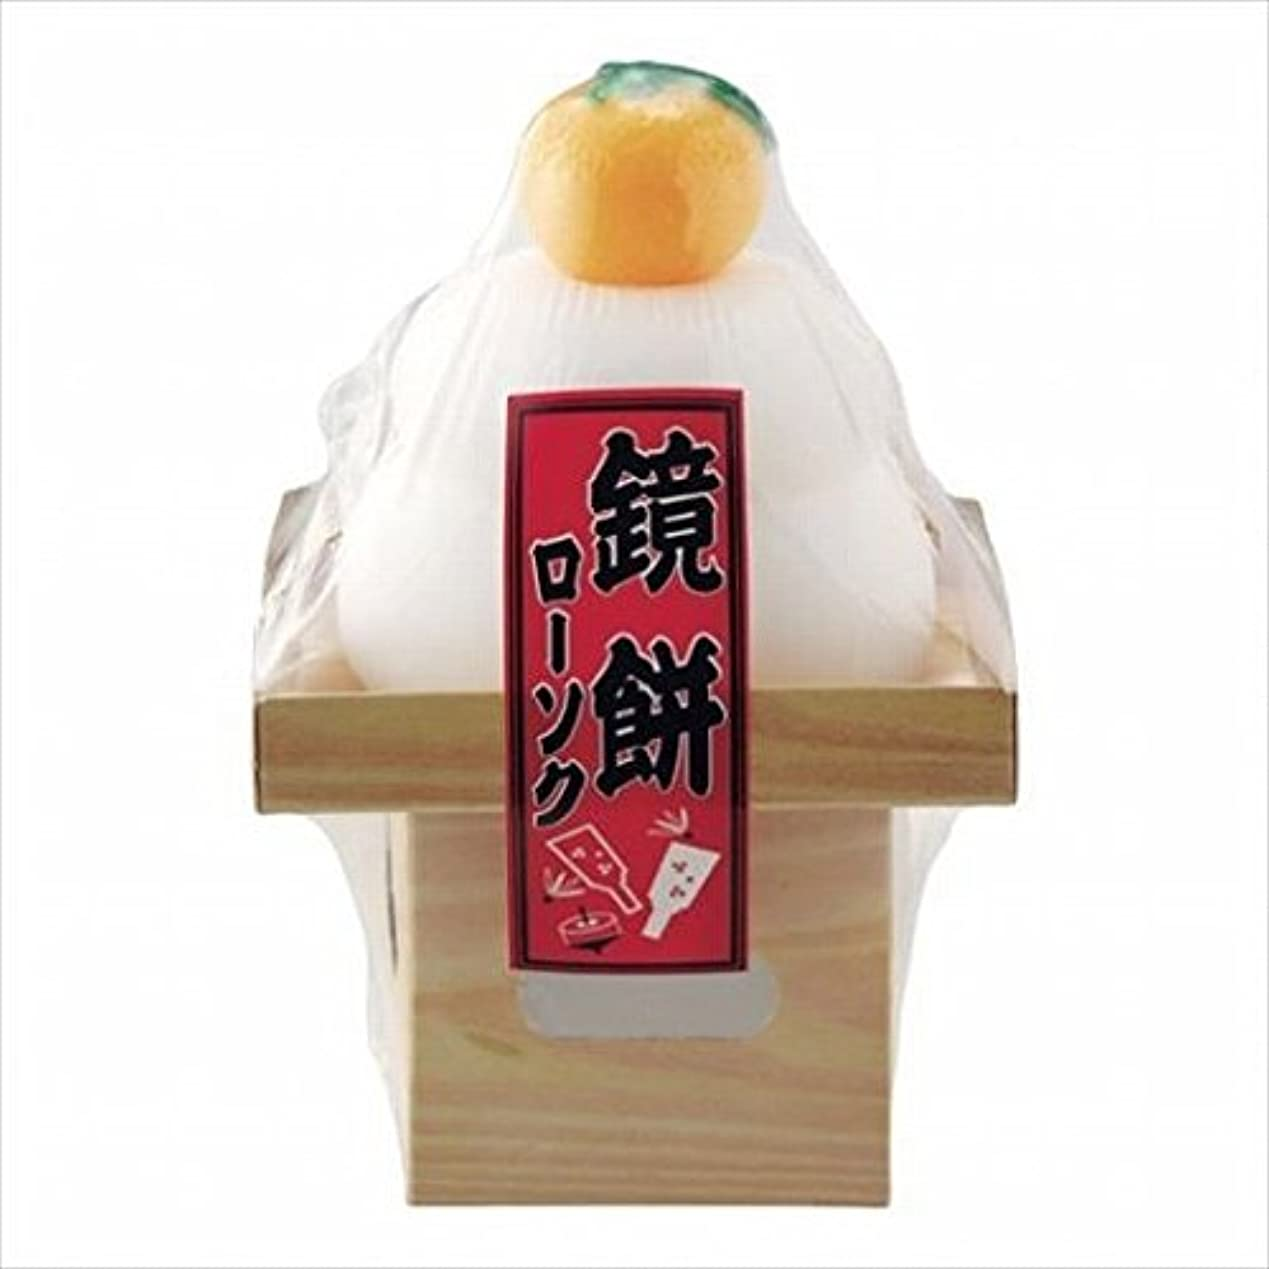 交差点シーズンつぶすkameyama candle(カメヤマキャンドル) 鏡餅ローソク キャンドル(21500000)